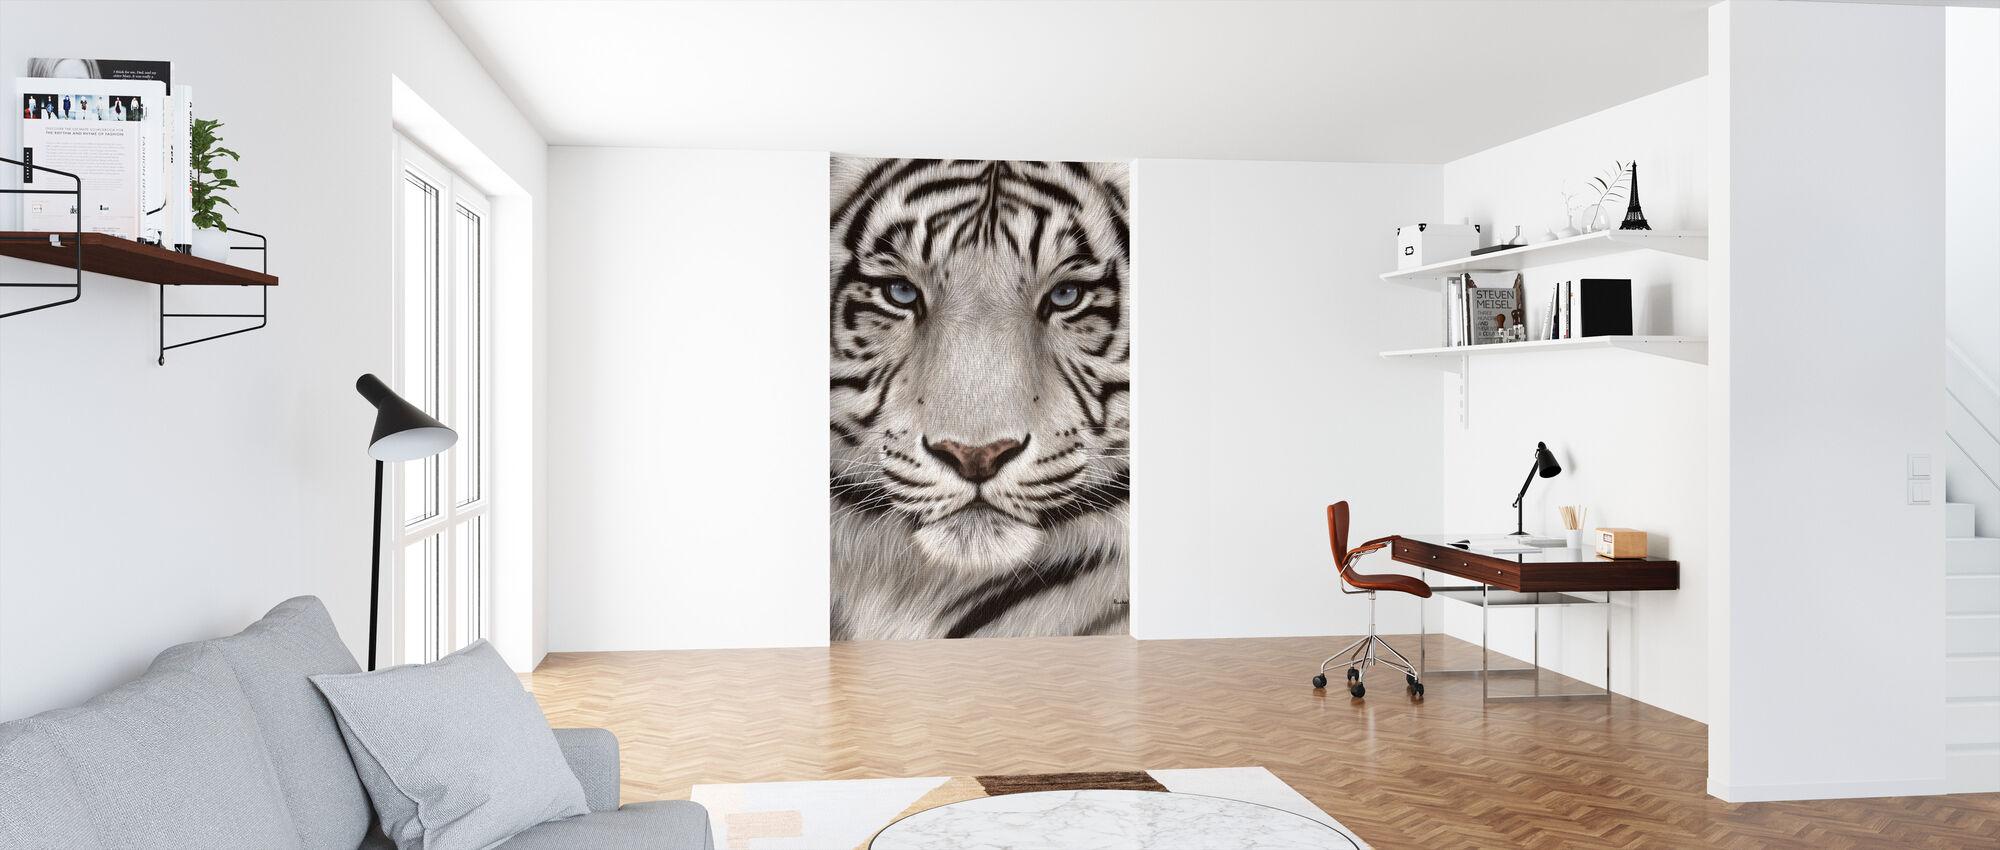 Witte Tijger Gezicht Portret - Behang - Kantoor